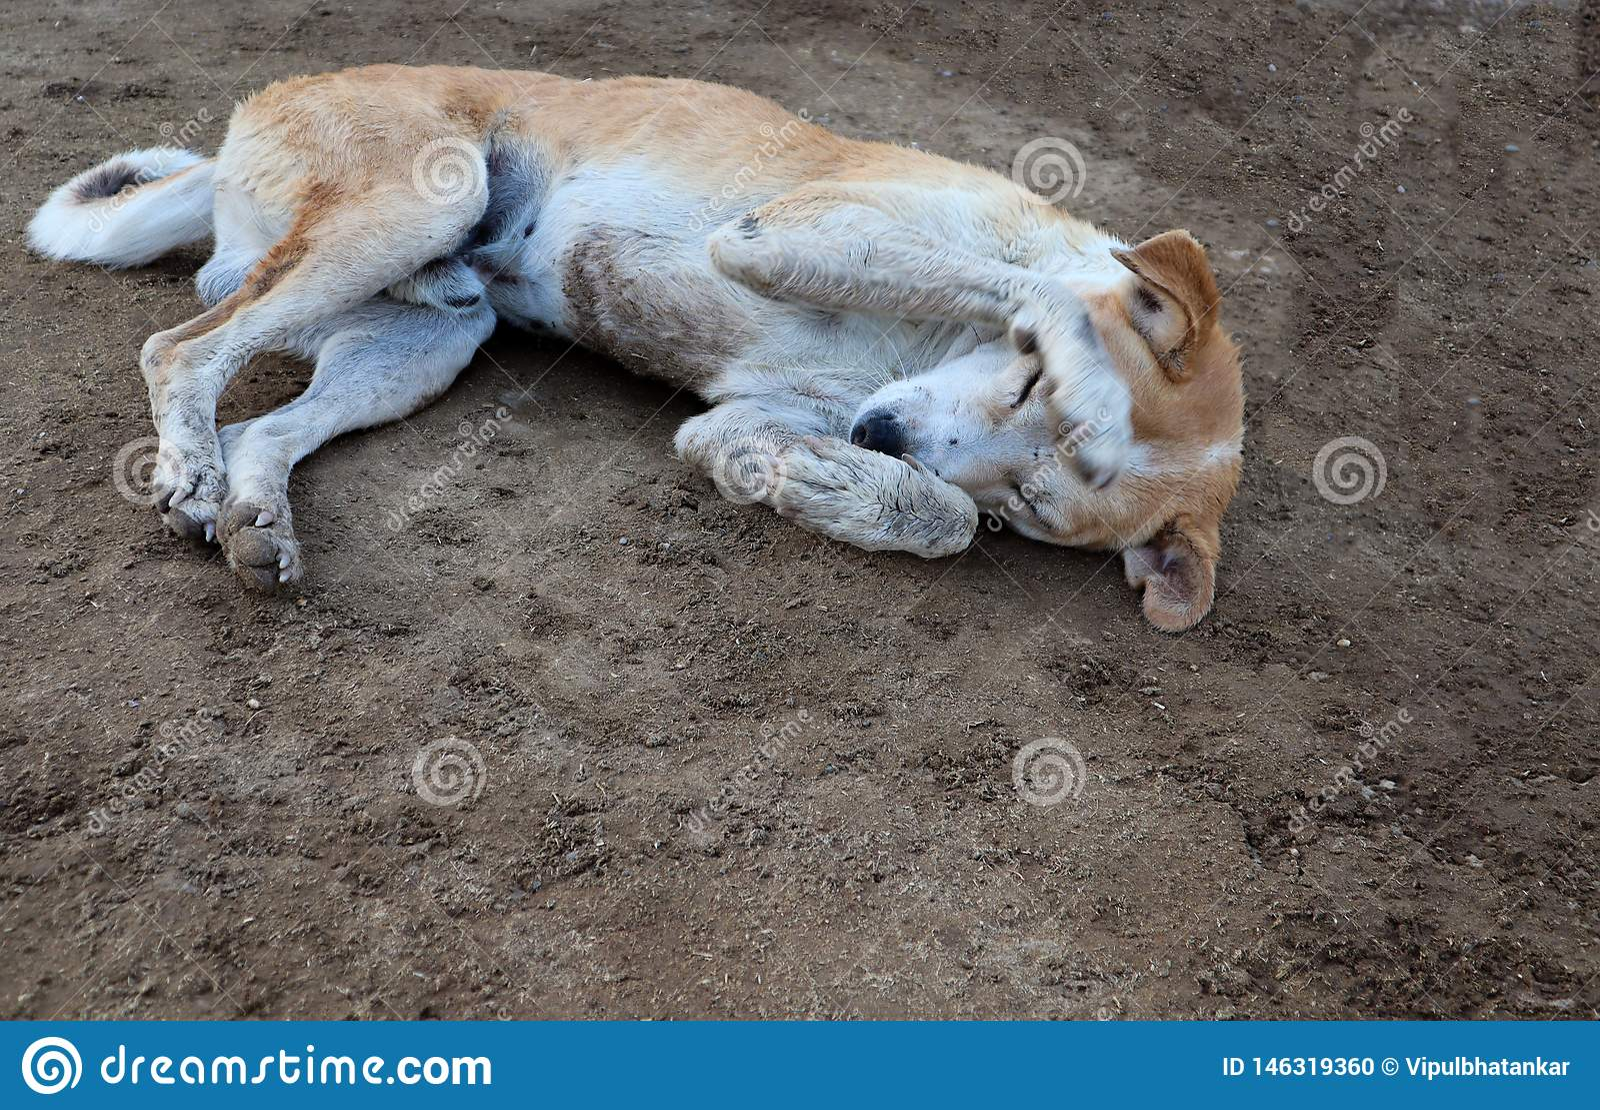 Schuwe hondslaap op grond